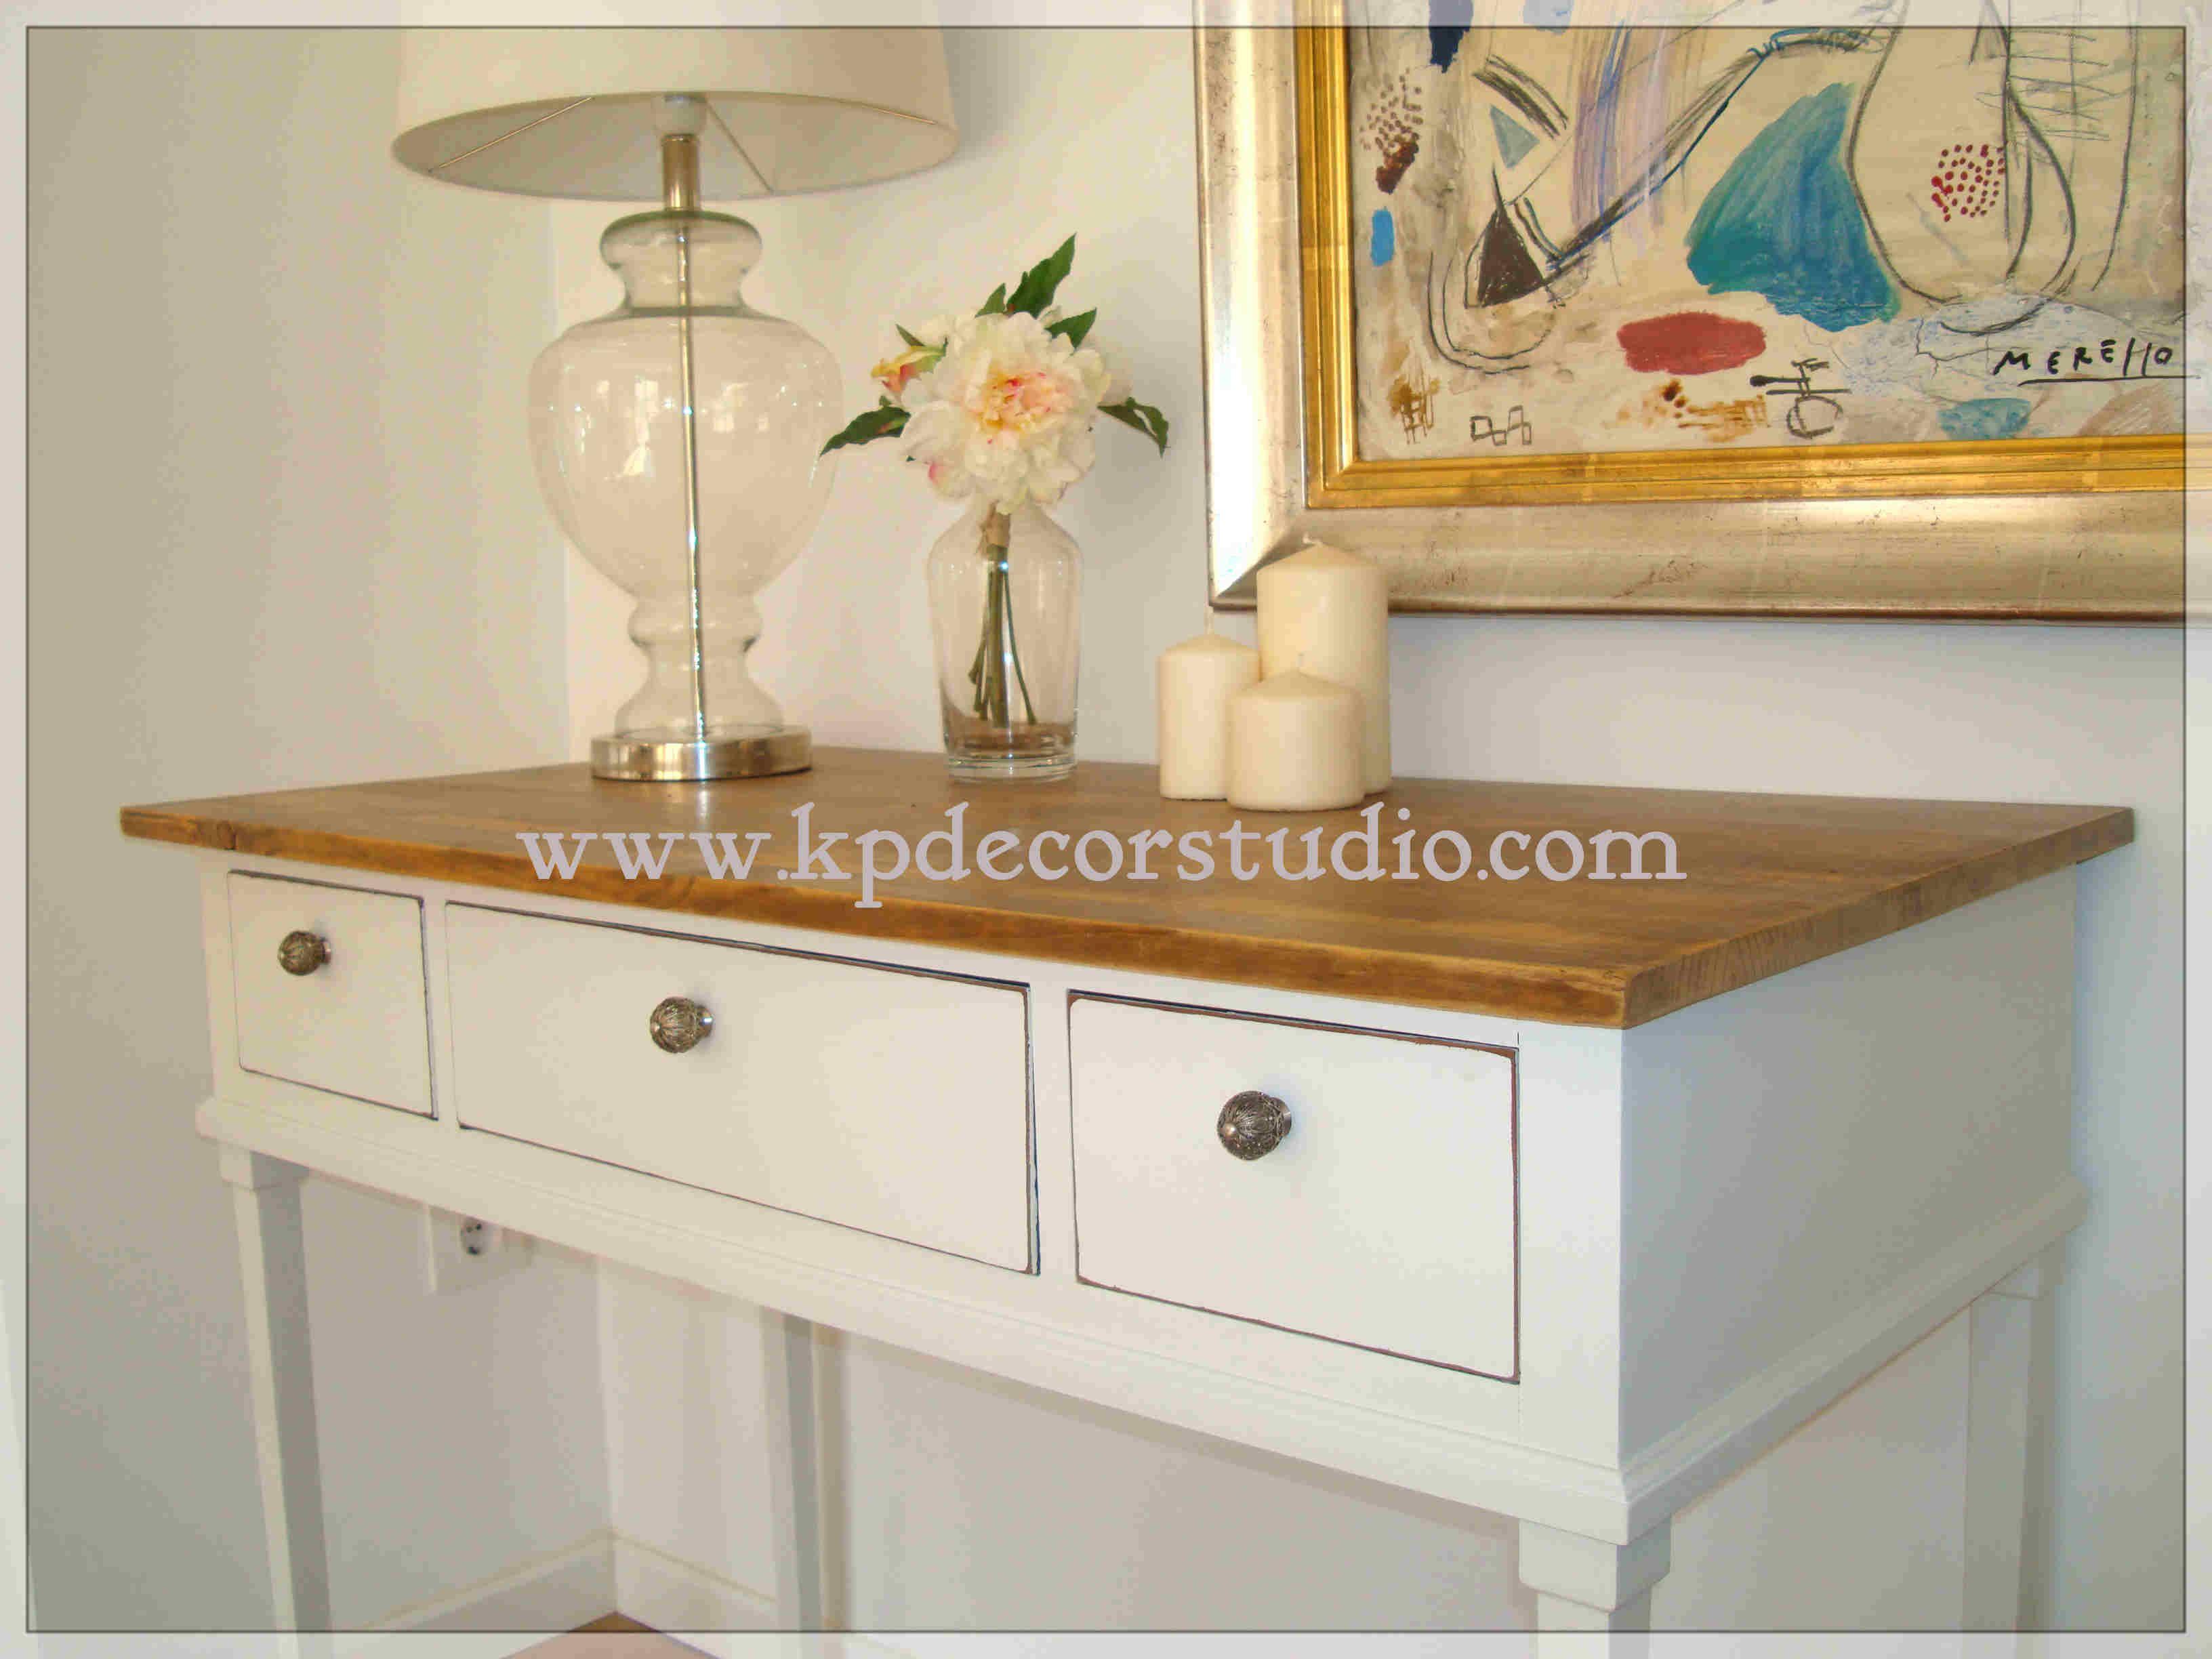 Kpdecorstudio venta y restauraci n de muebles decoracion - Restauracion de muebles viejos ...